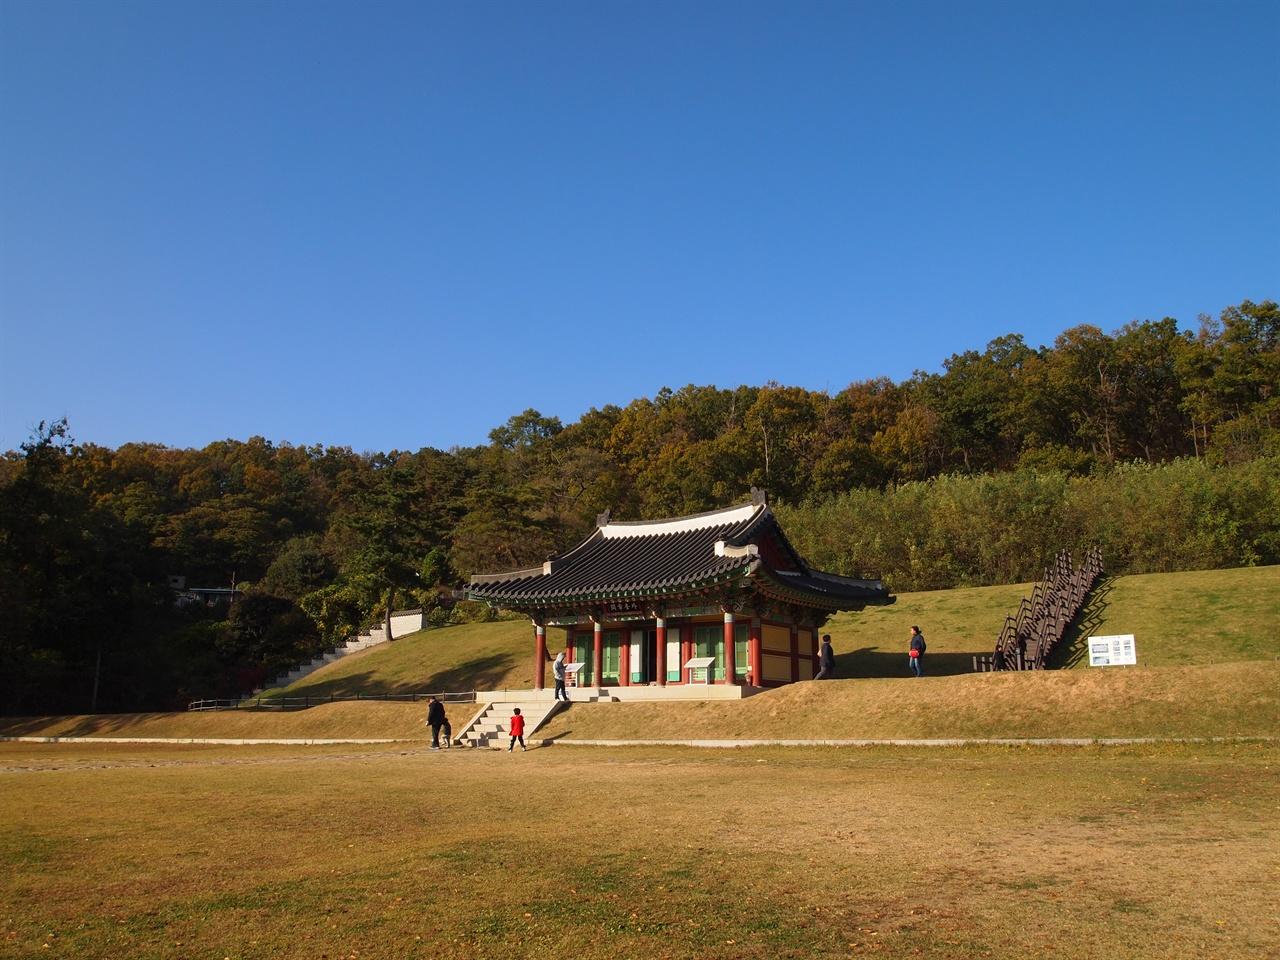 강화 고려궁지 강화도에 소재한 고려궁지, 대몽항쟁 기간 동안 고려의 왕궁이 있었던 곳으로, 지금은 조선시대 건물인 외규장각이 복원되어 있다.